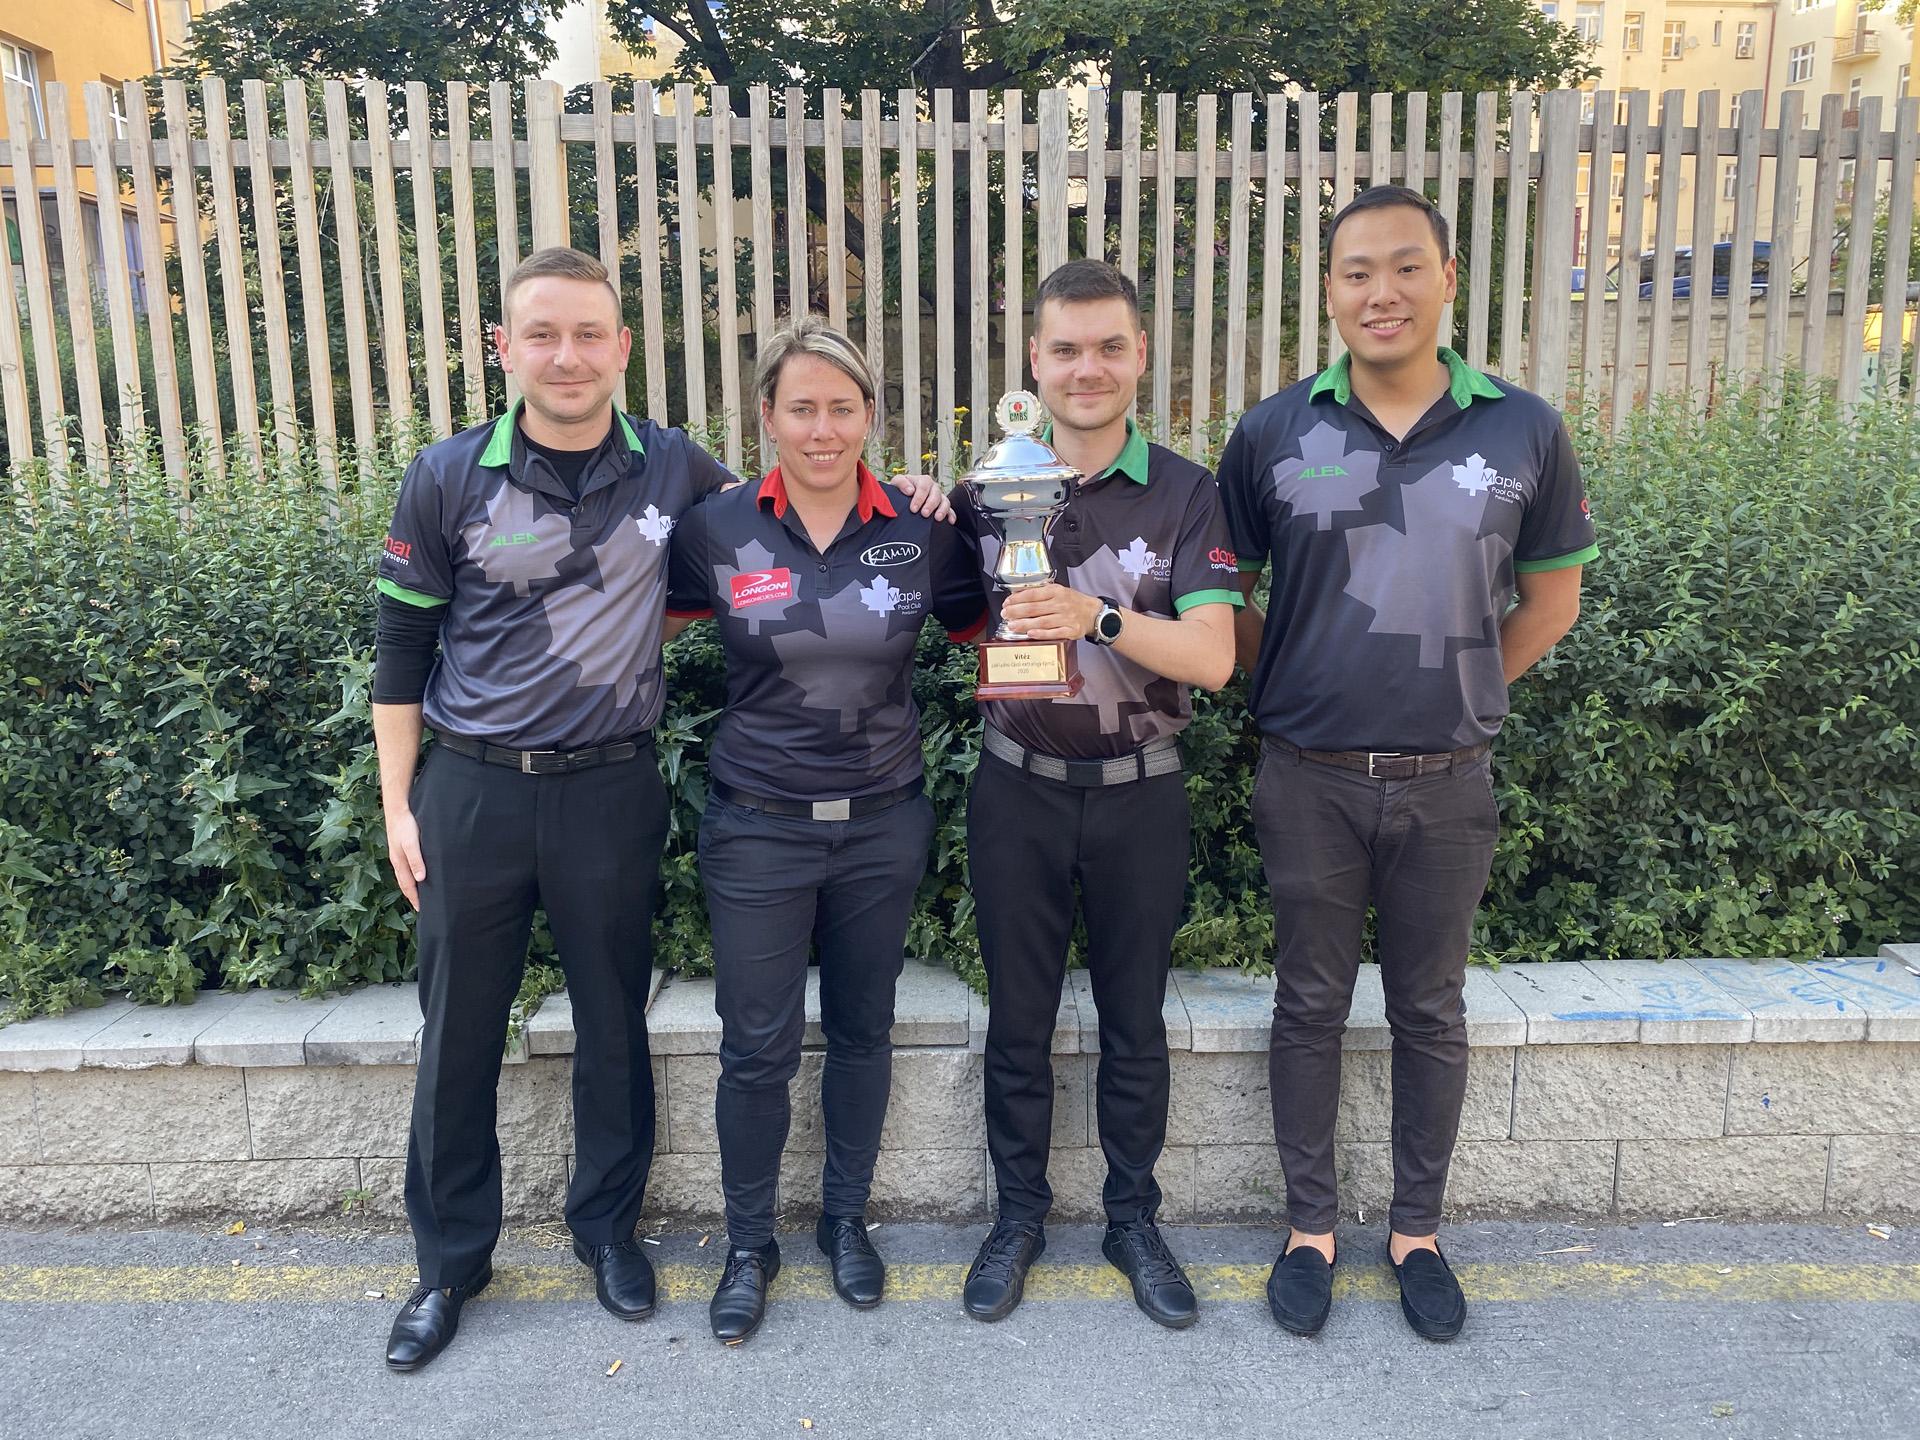 V extralize týmů získává pohár MPC Pardubice A!